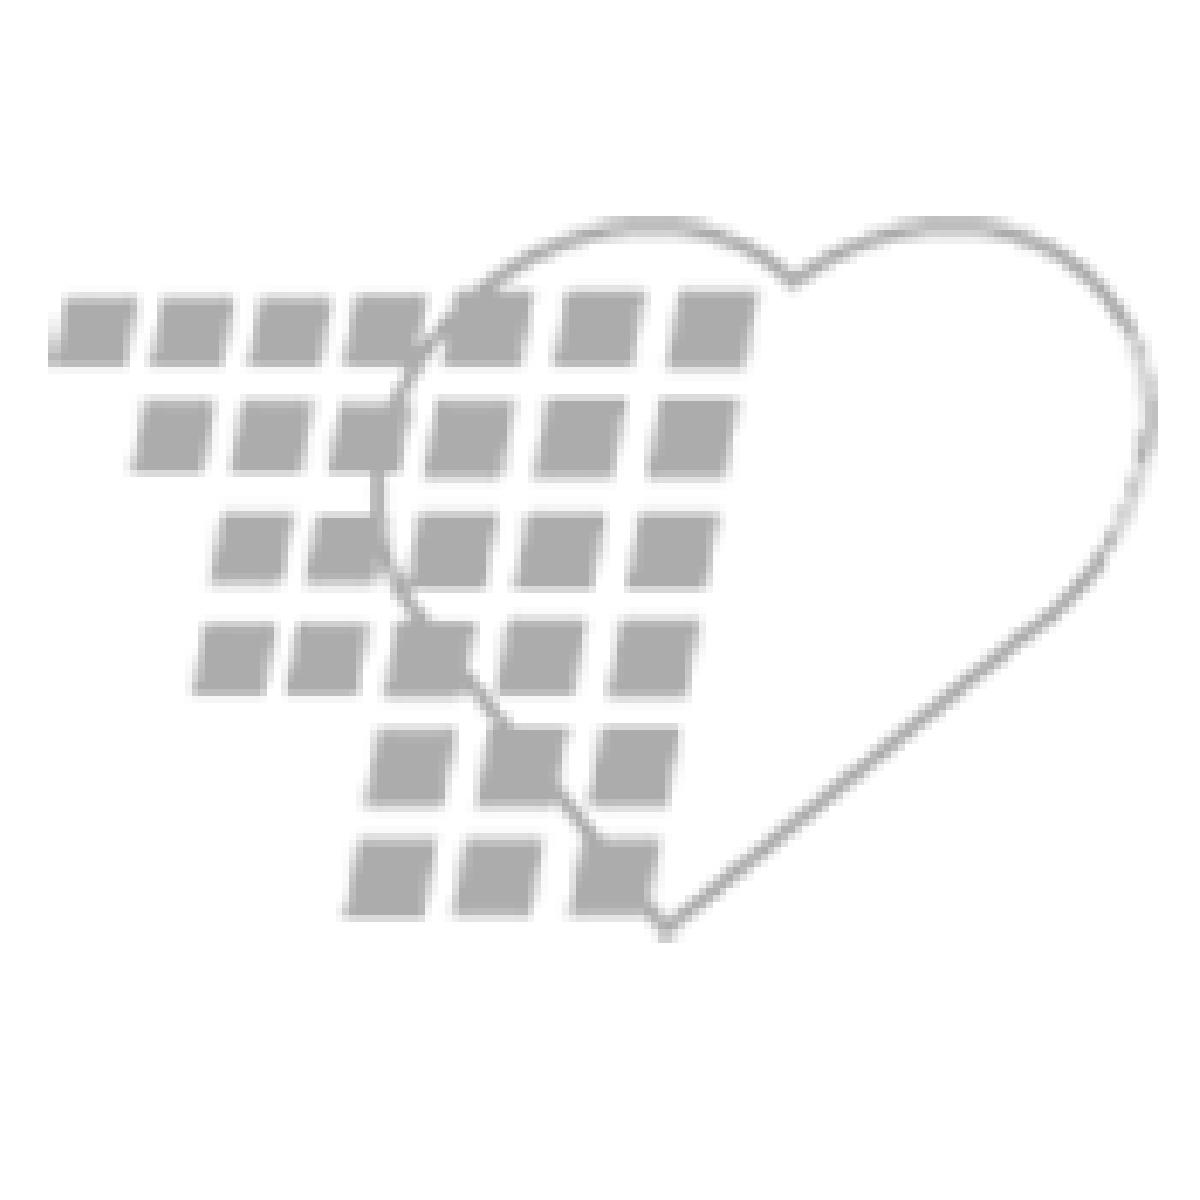 06-93-1502 - Demo Dose® Simulated Albuterol Sulfate/Ipratropium Bromide